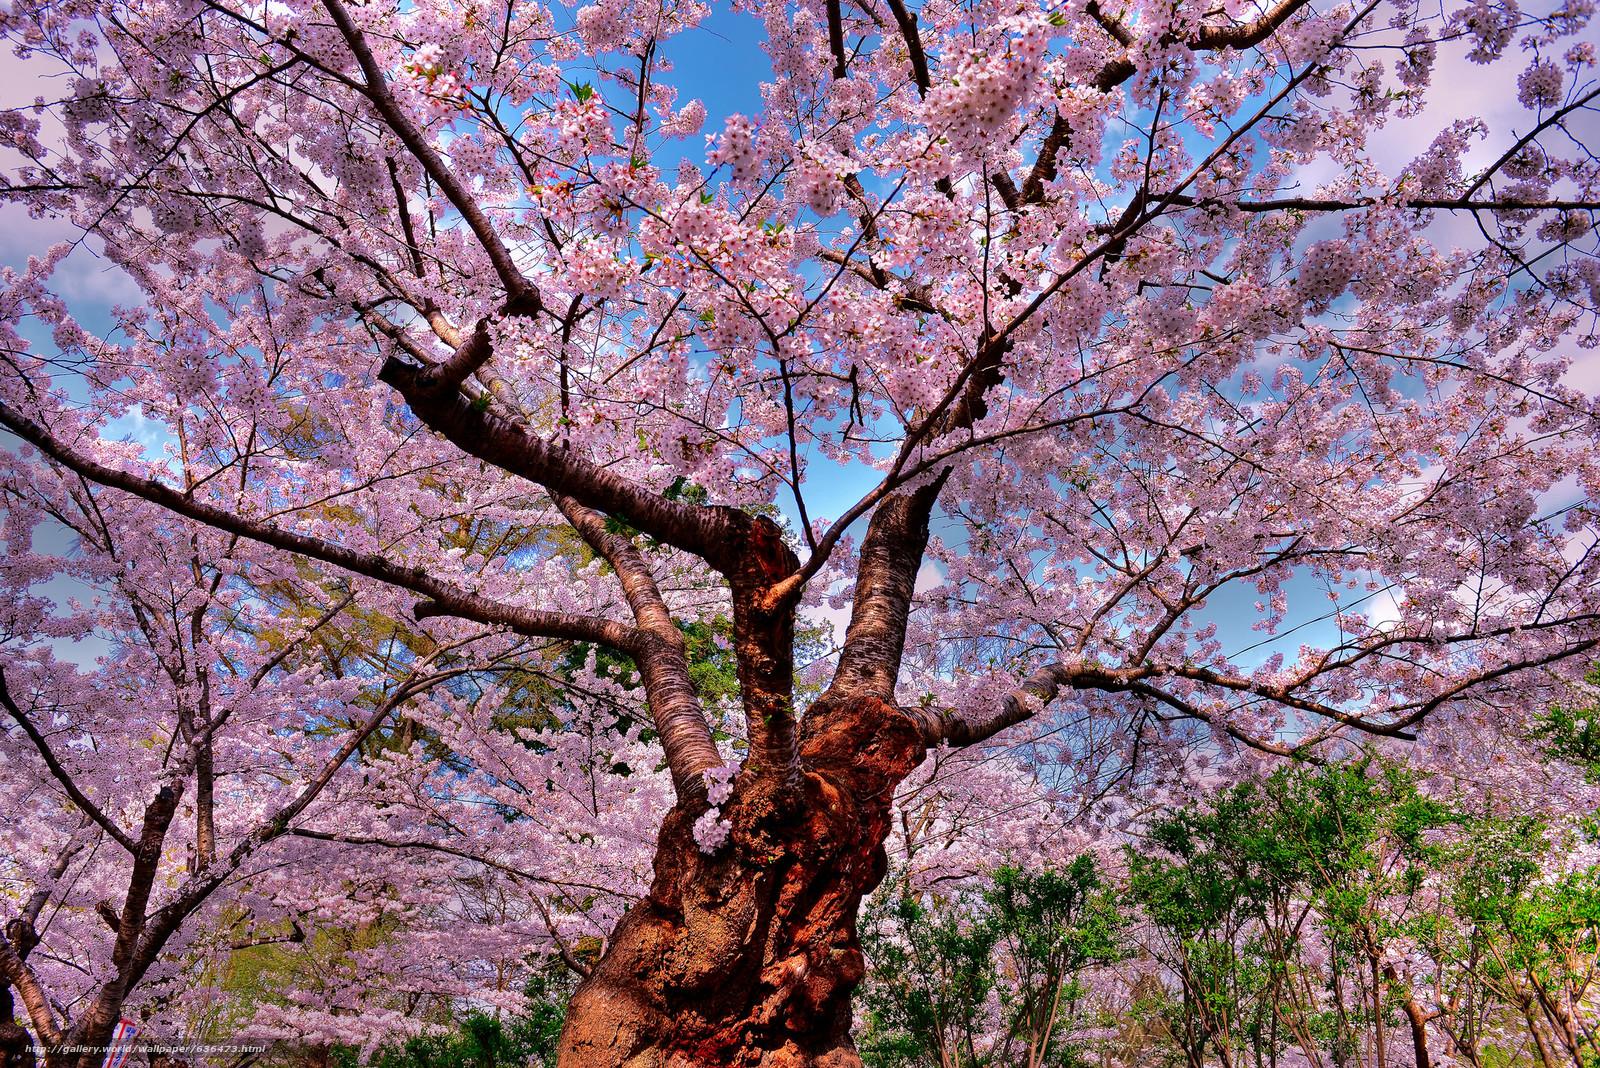 下载壁纸 樱桃,  树,  花卉,  性质 免费为您的桌面分辨率的壁纸 2048x1367 — 图片 №636473